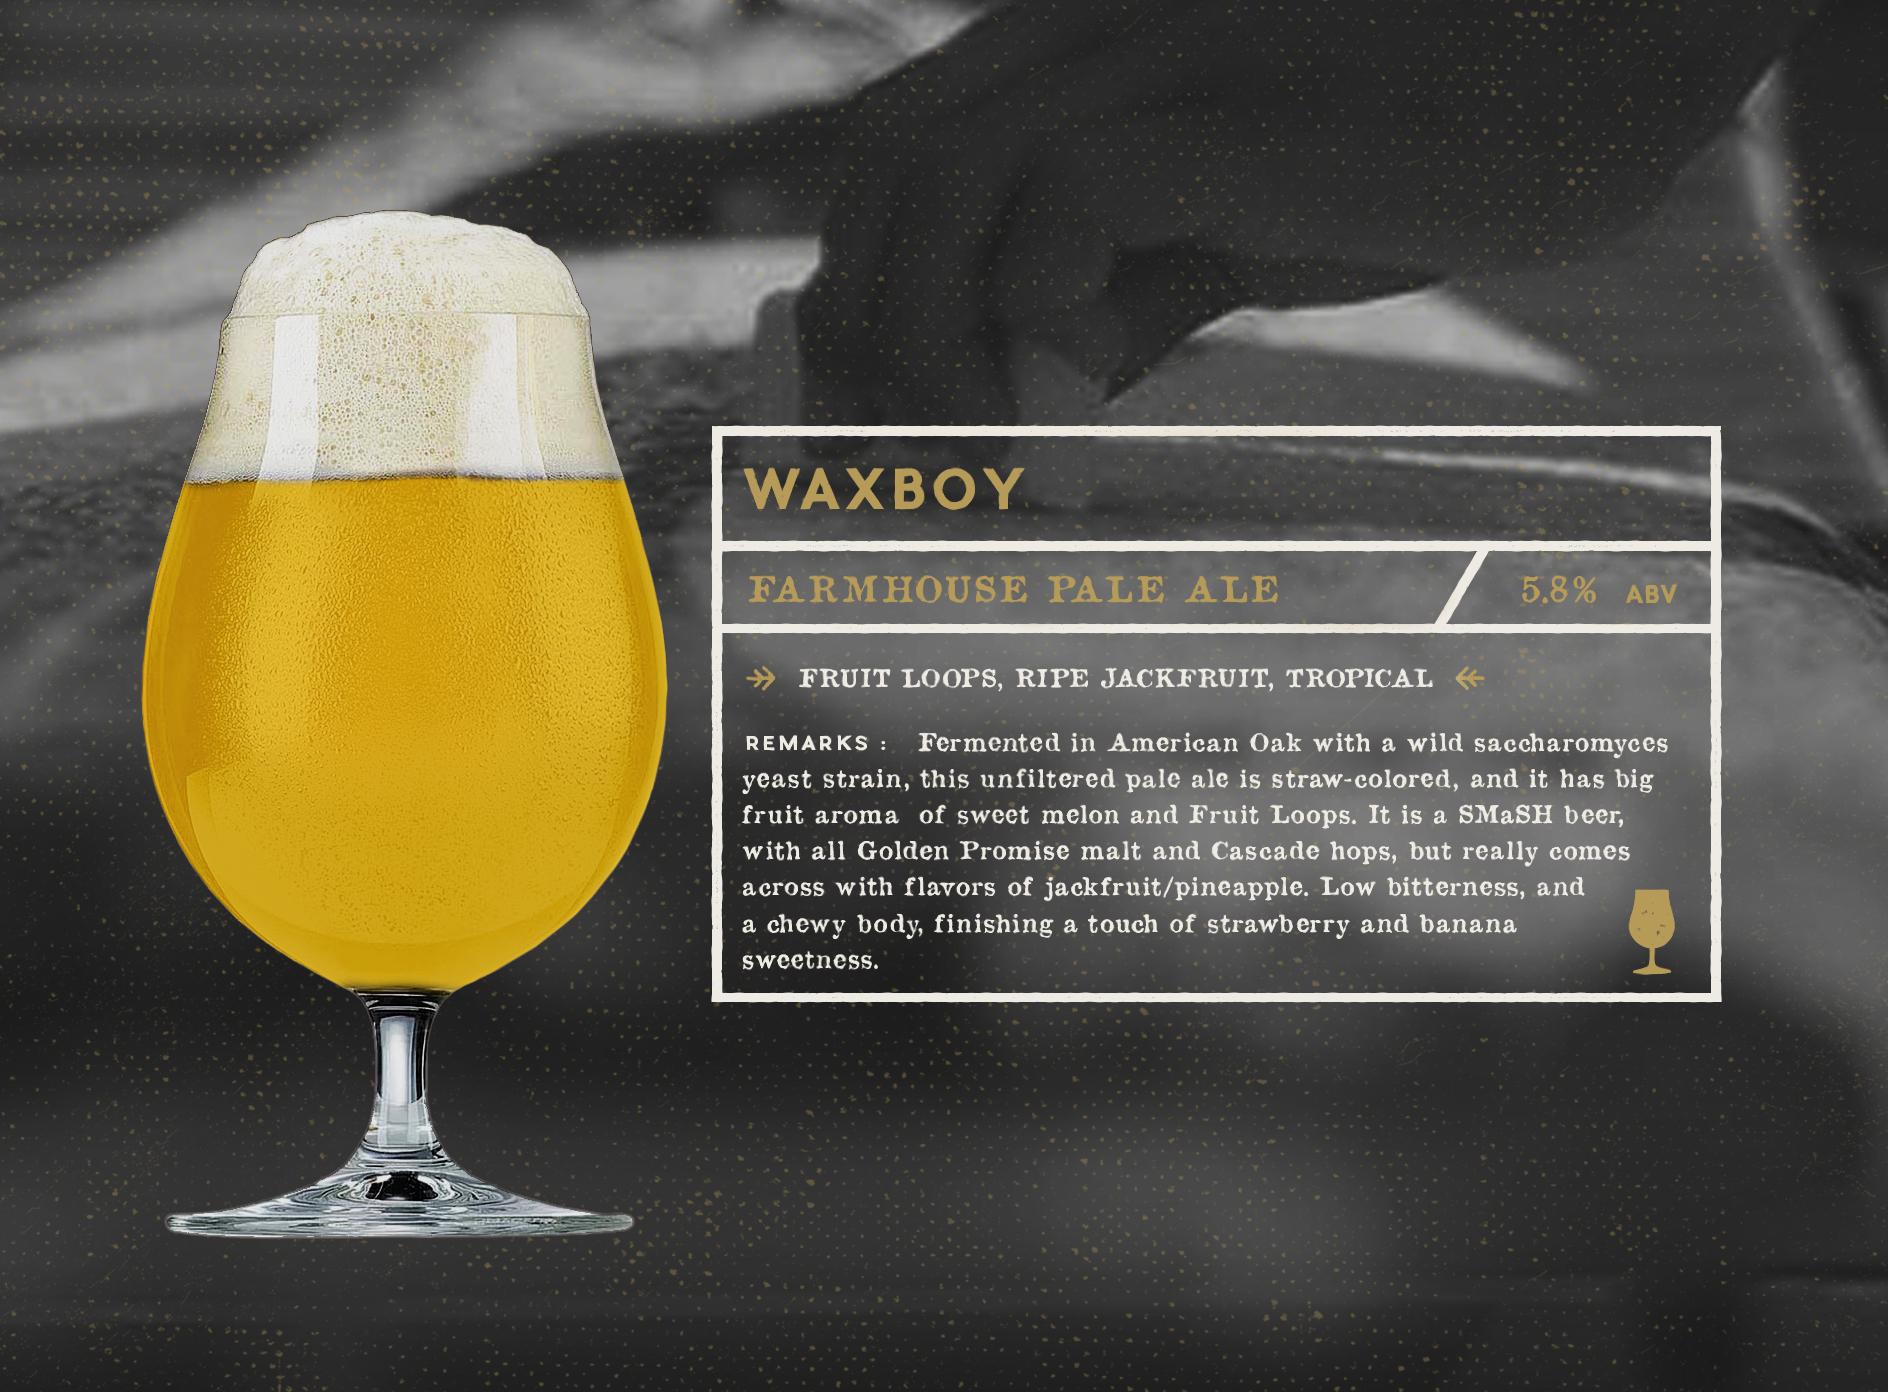 WAXBOY